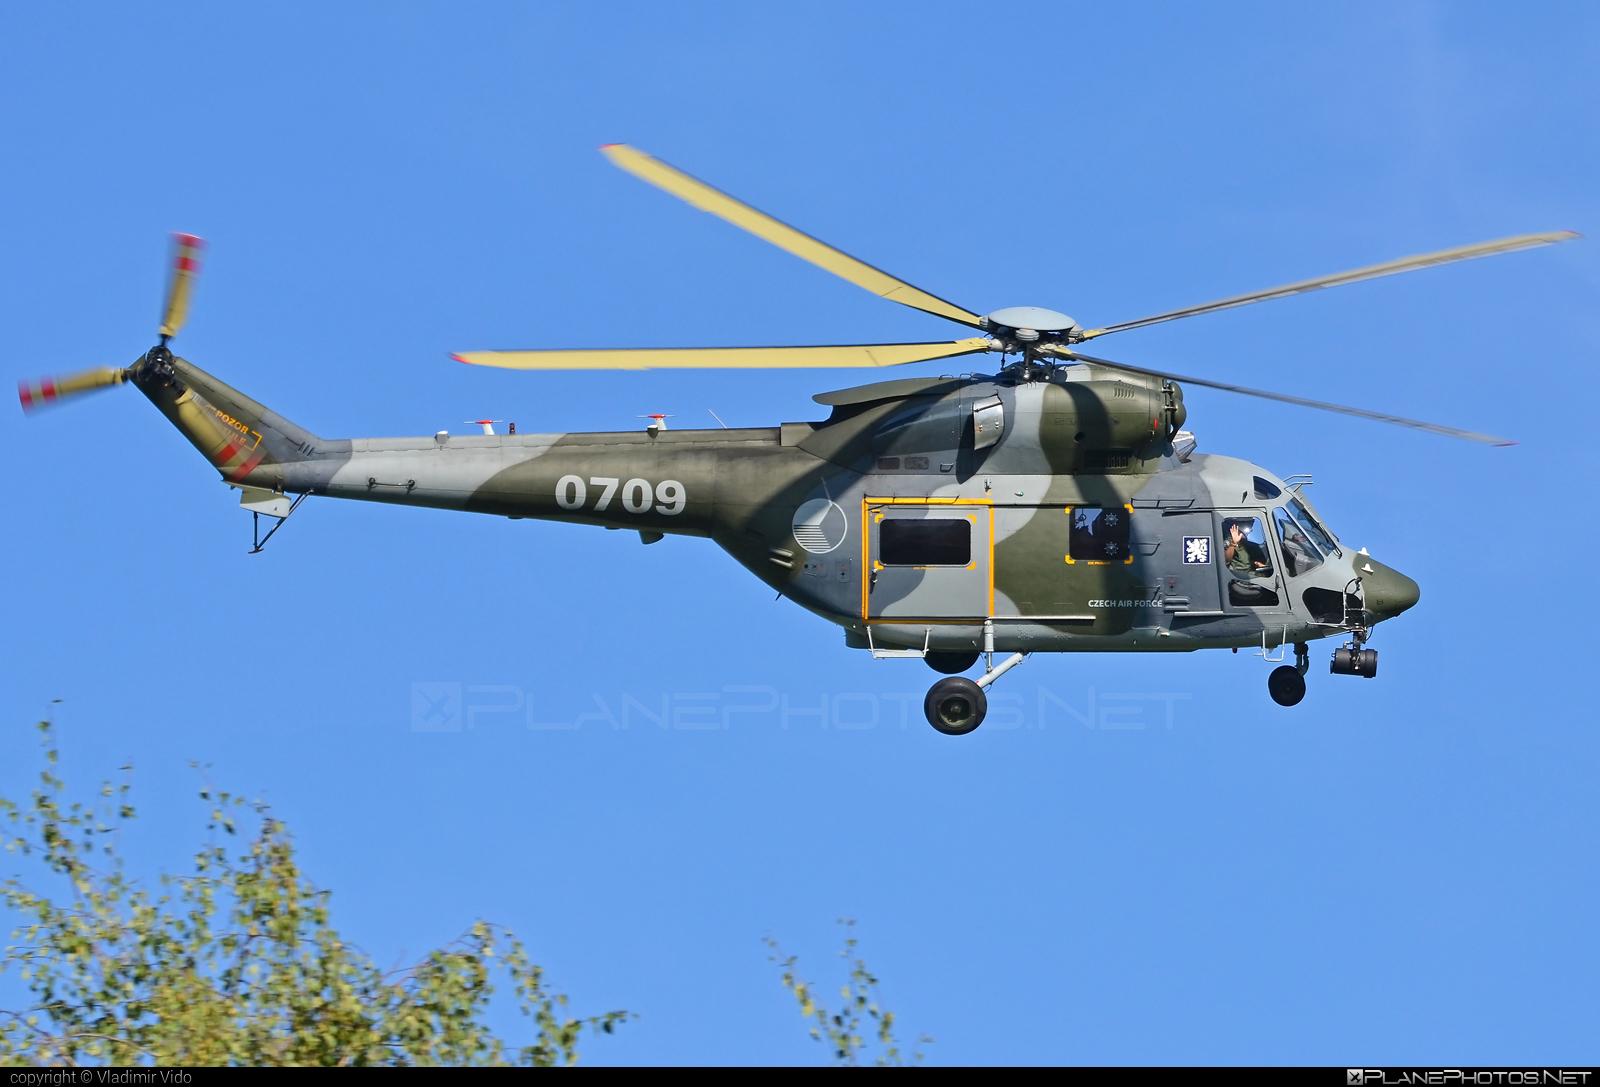 PZL-Świdnik W-3A Sokol - 0709 operated by Vzdušné síly AČR (Czech Air Force) #czechairforce #dnynato2018 #natodays2018 #pzl #pzlswidnik #vzdusnesilyacr